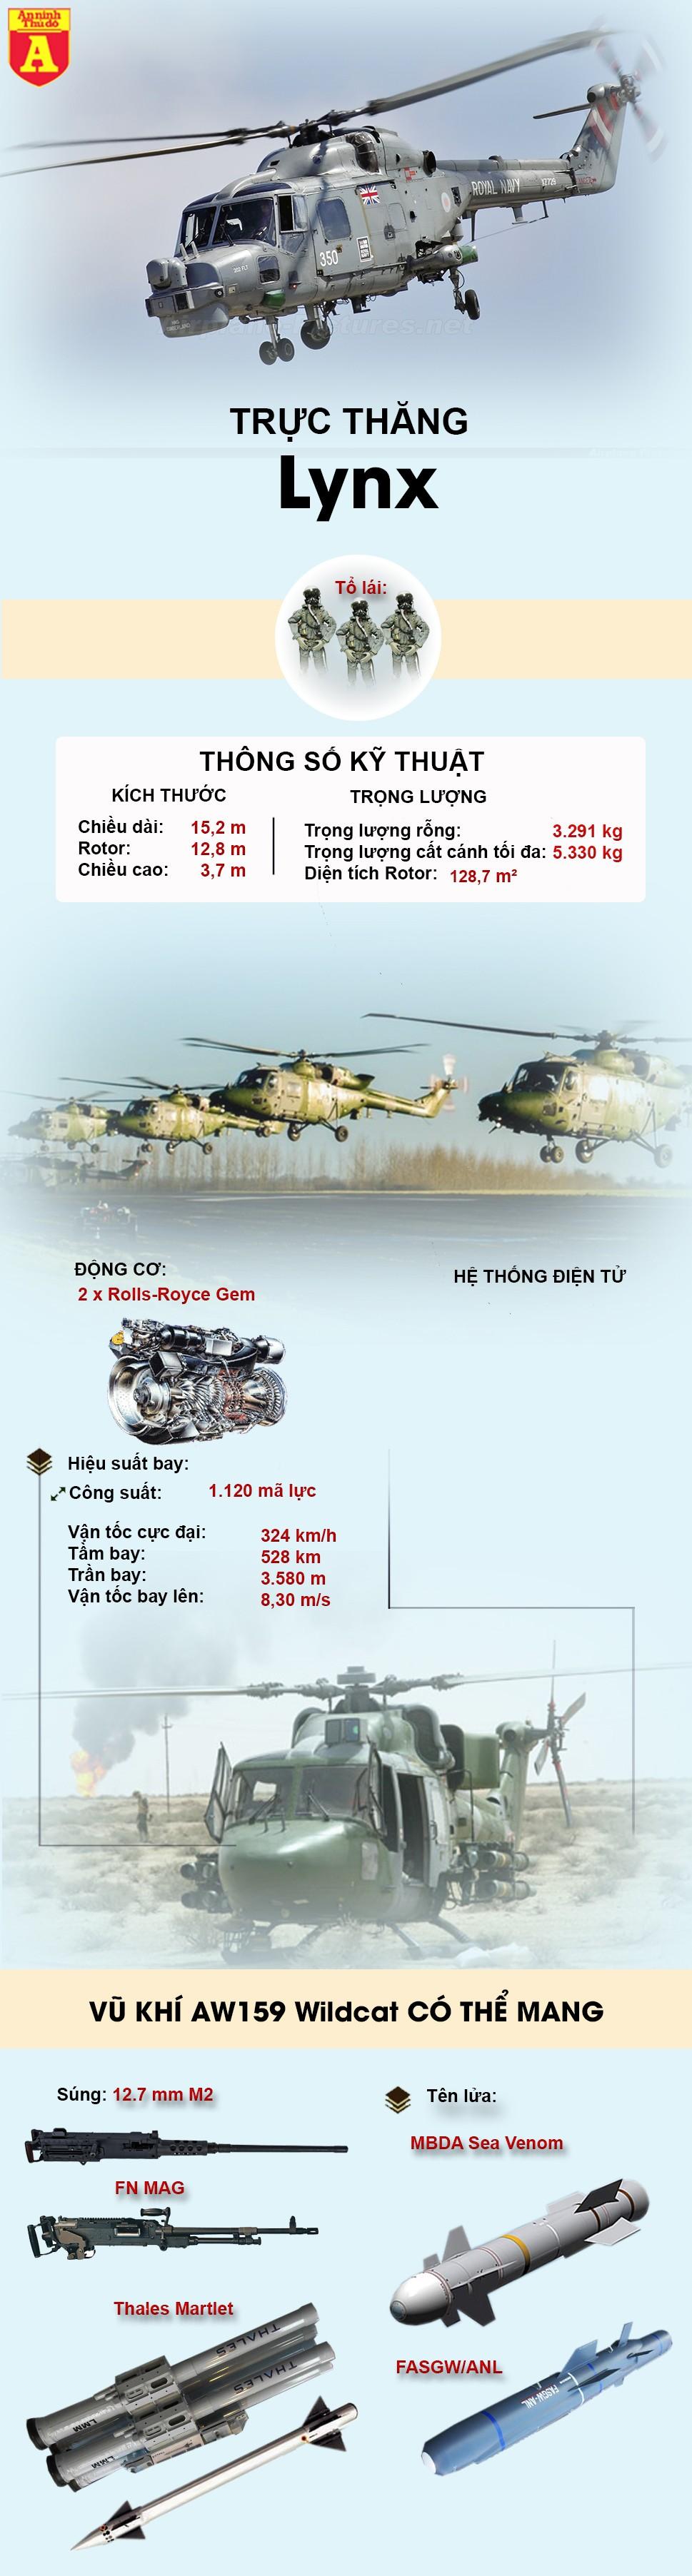 """[Infographic] Huyền thoại """"Mèo đực"""" của không quân Anh chia tay bầu trời ảnh 2"""